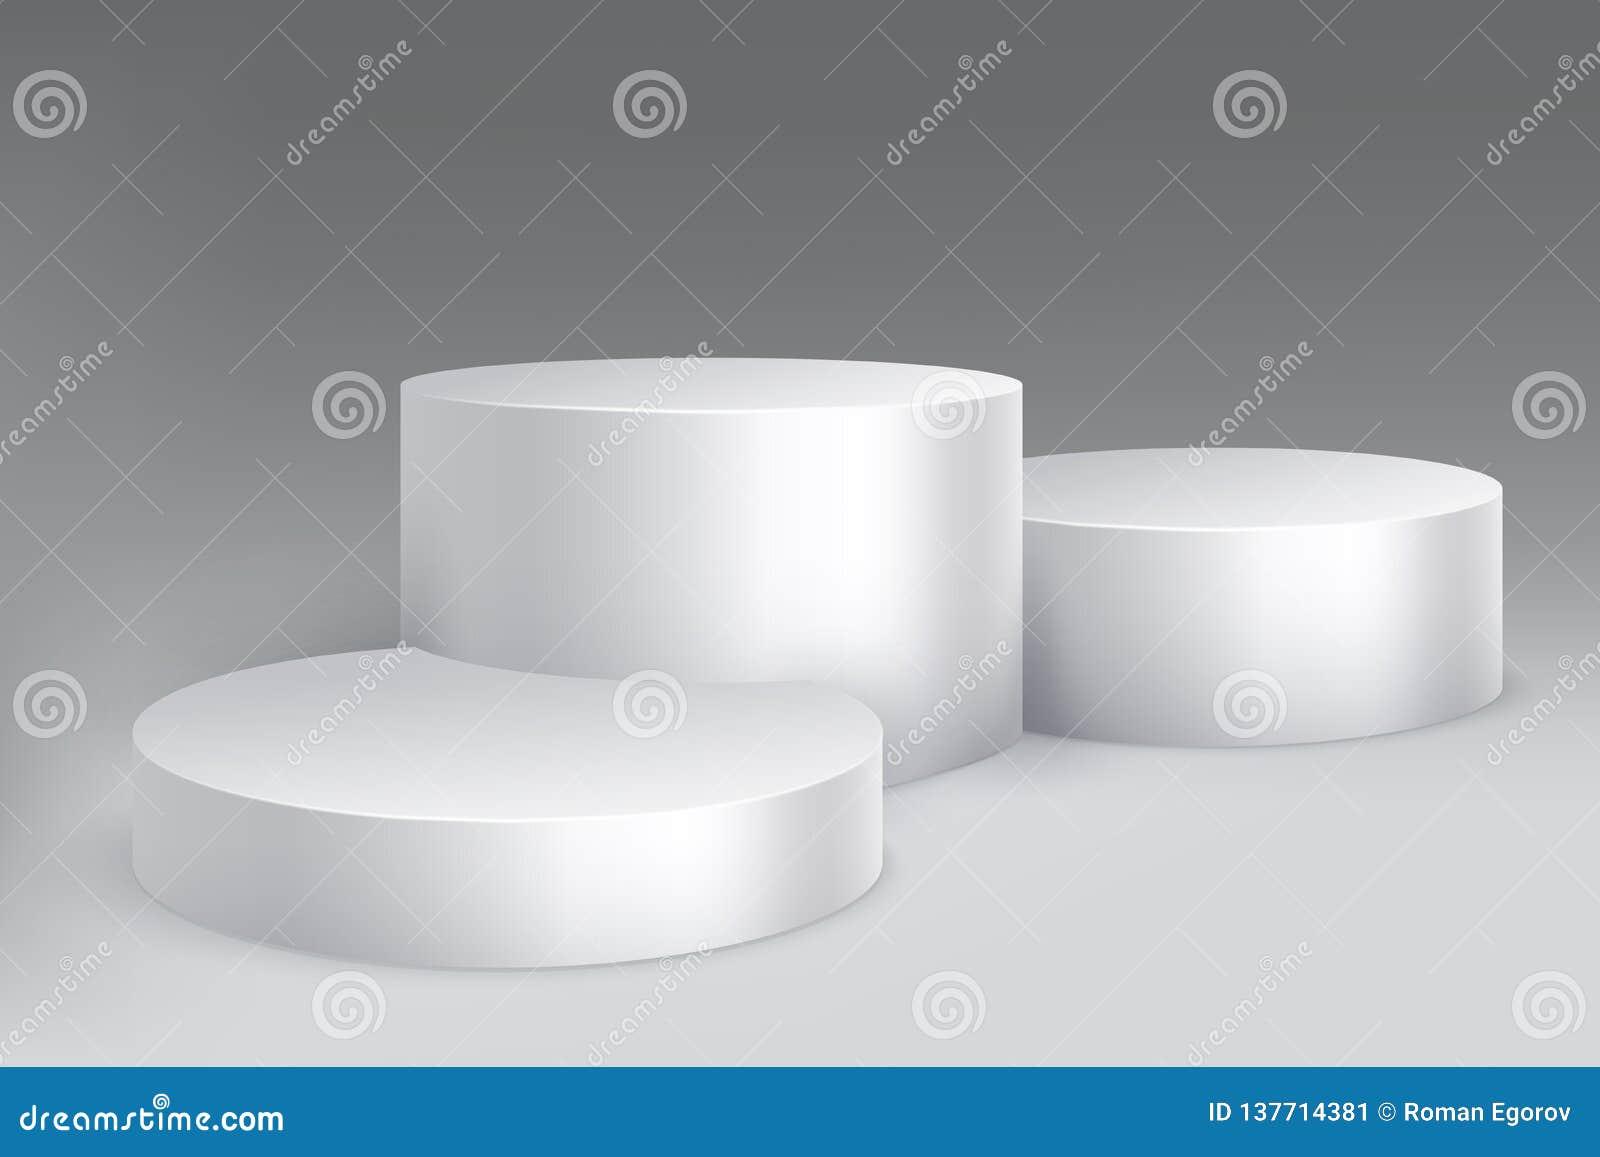 演播室指挥台 大理石立场柱子基地,与圆筒的垫座 空的白色博览会陈列室被隔绝的大模型